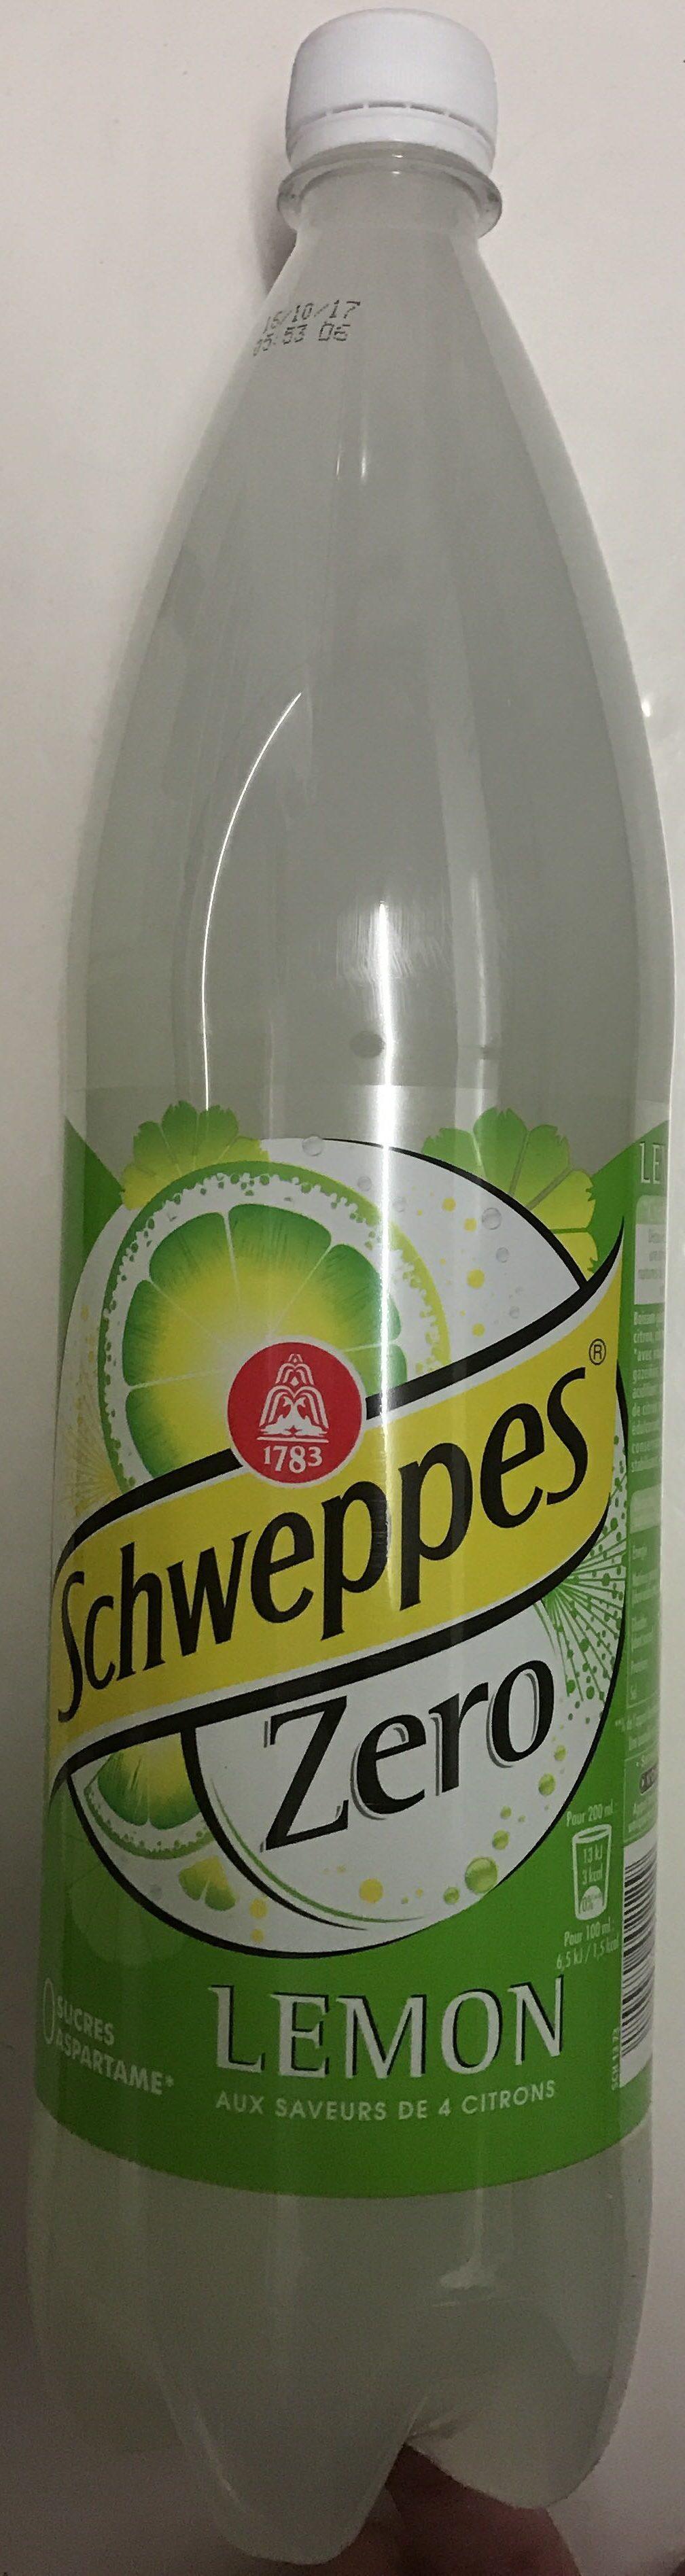 Schweppes Zero Lemon - Product - fr